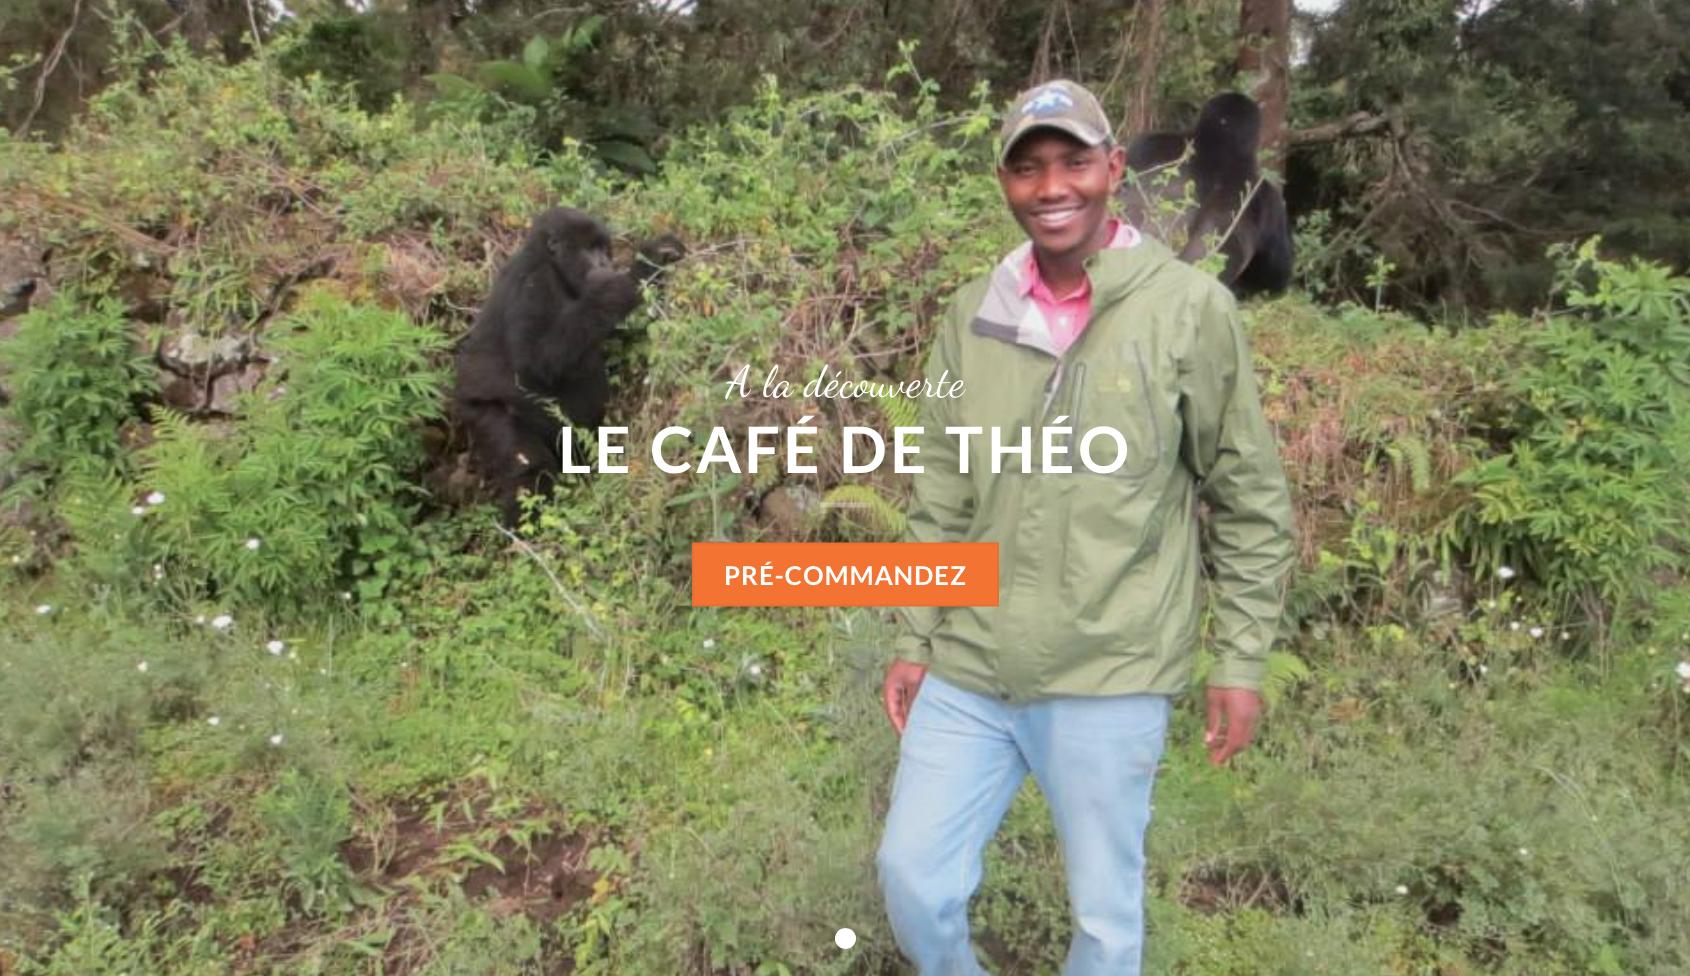 Capture d'écran 2020 04 21 à 21.11.05 - Le café de Théo, un café pour changer le monde !